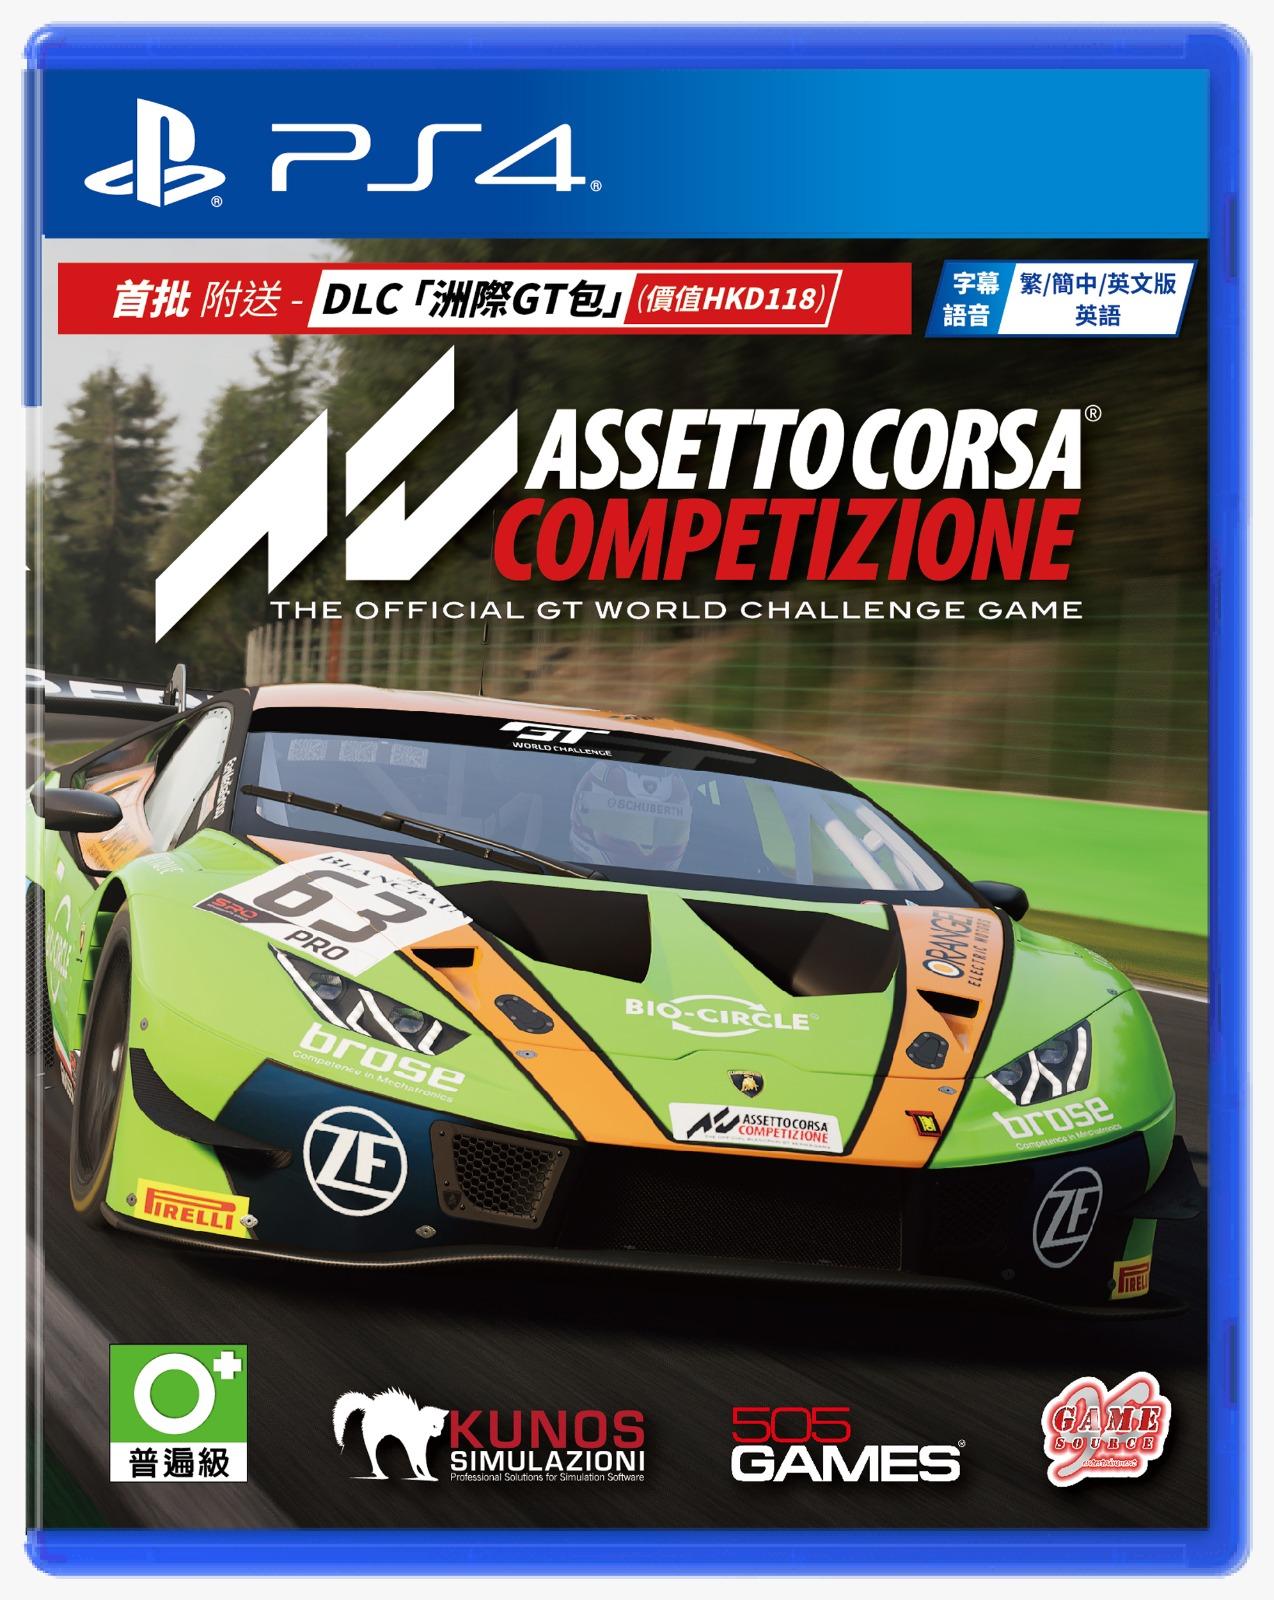 神力科莎出賽準備:競爭,Assetto Corsa Competizione,PS4,GSE,